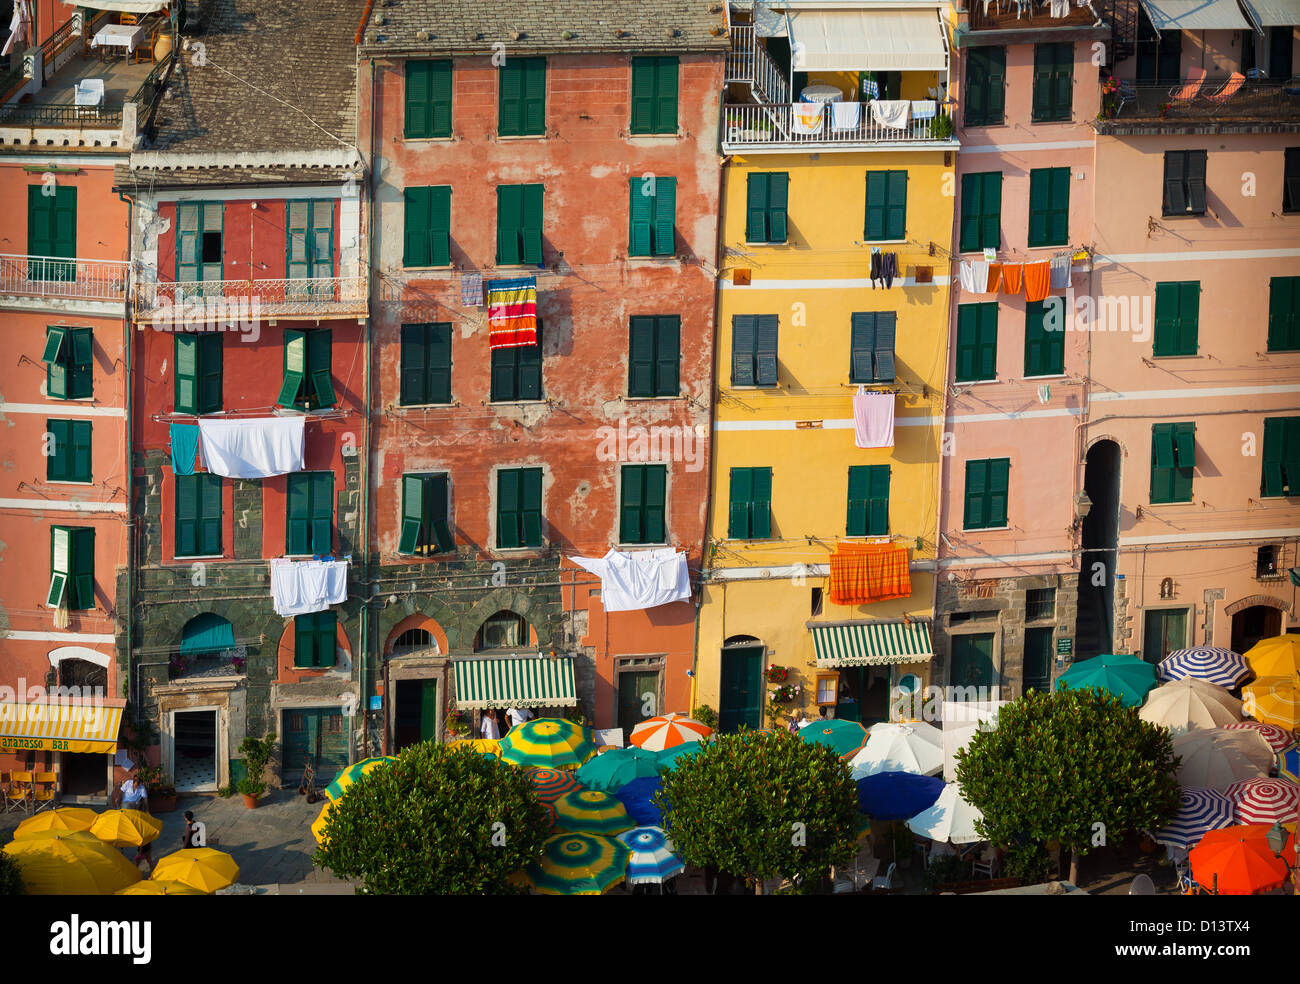 Fassade des Hauses und Sonnenschirme am Stadtplatz von Vernazza. Vernazza ist eine kleine Stadt in der italienischen Stockbild